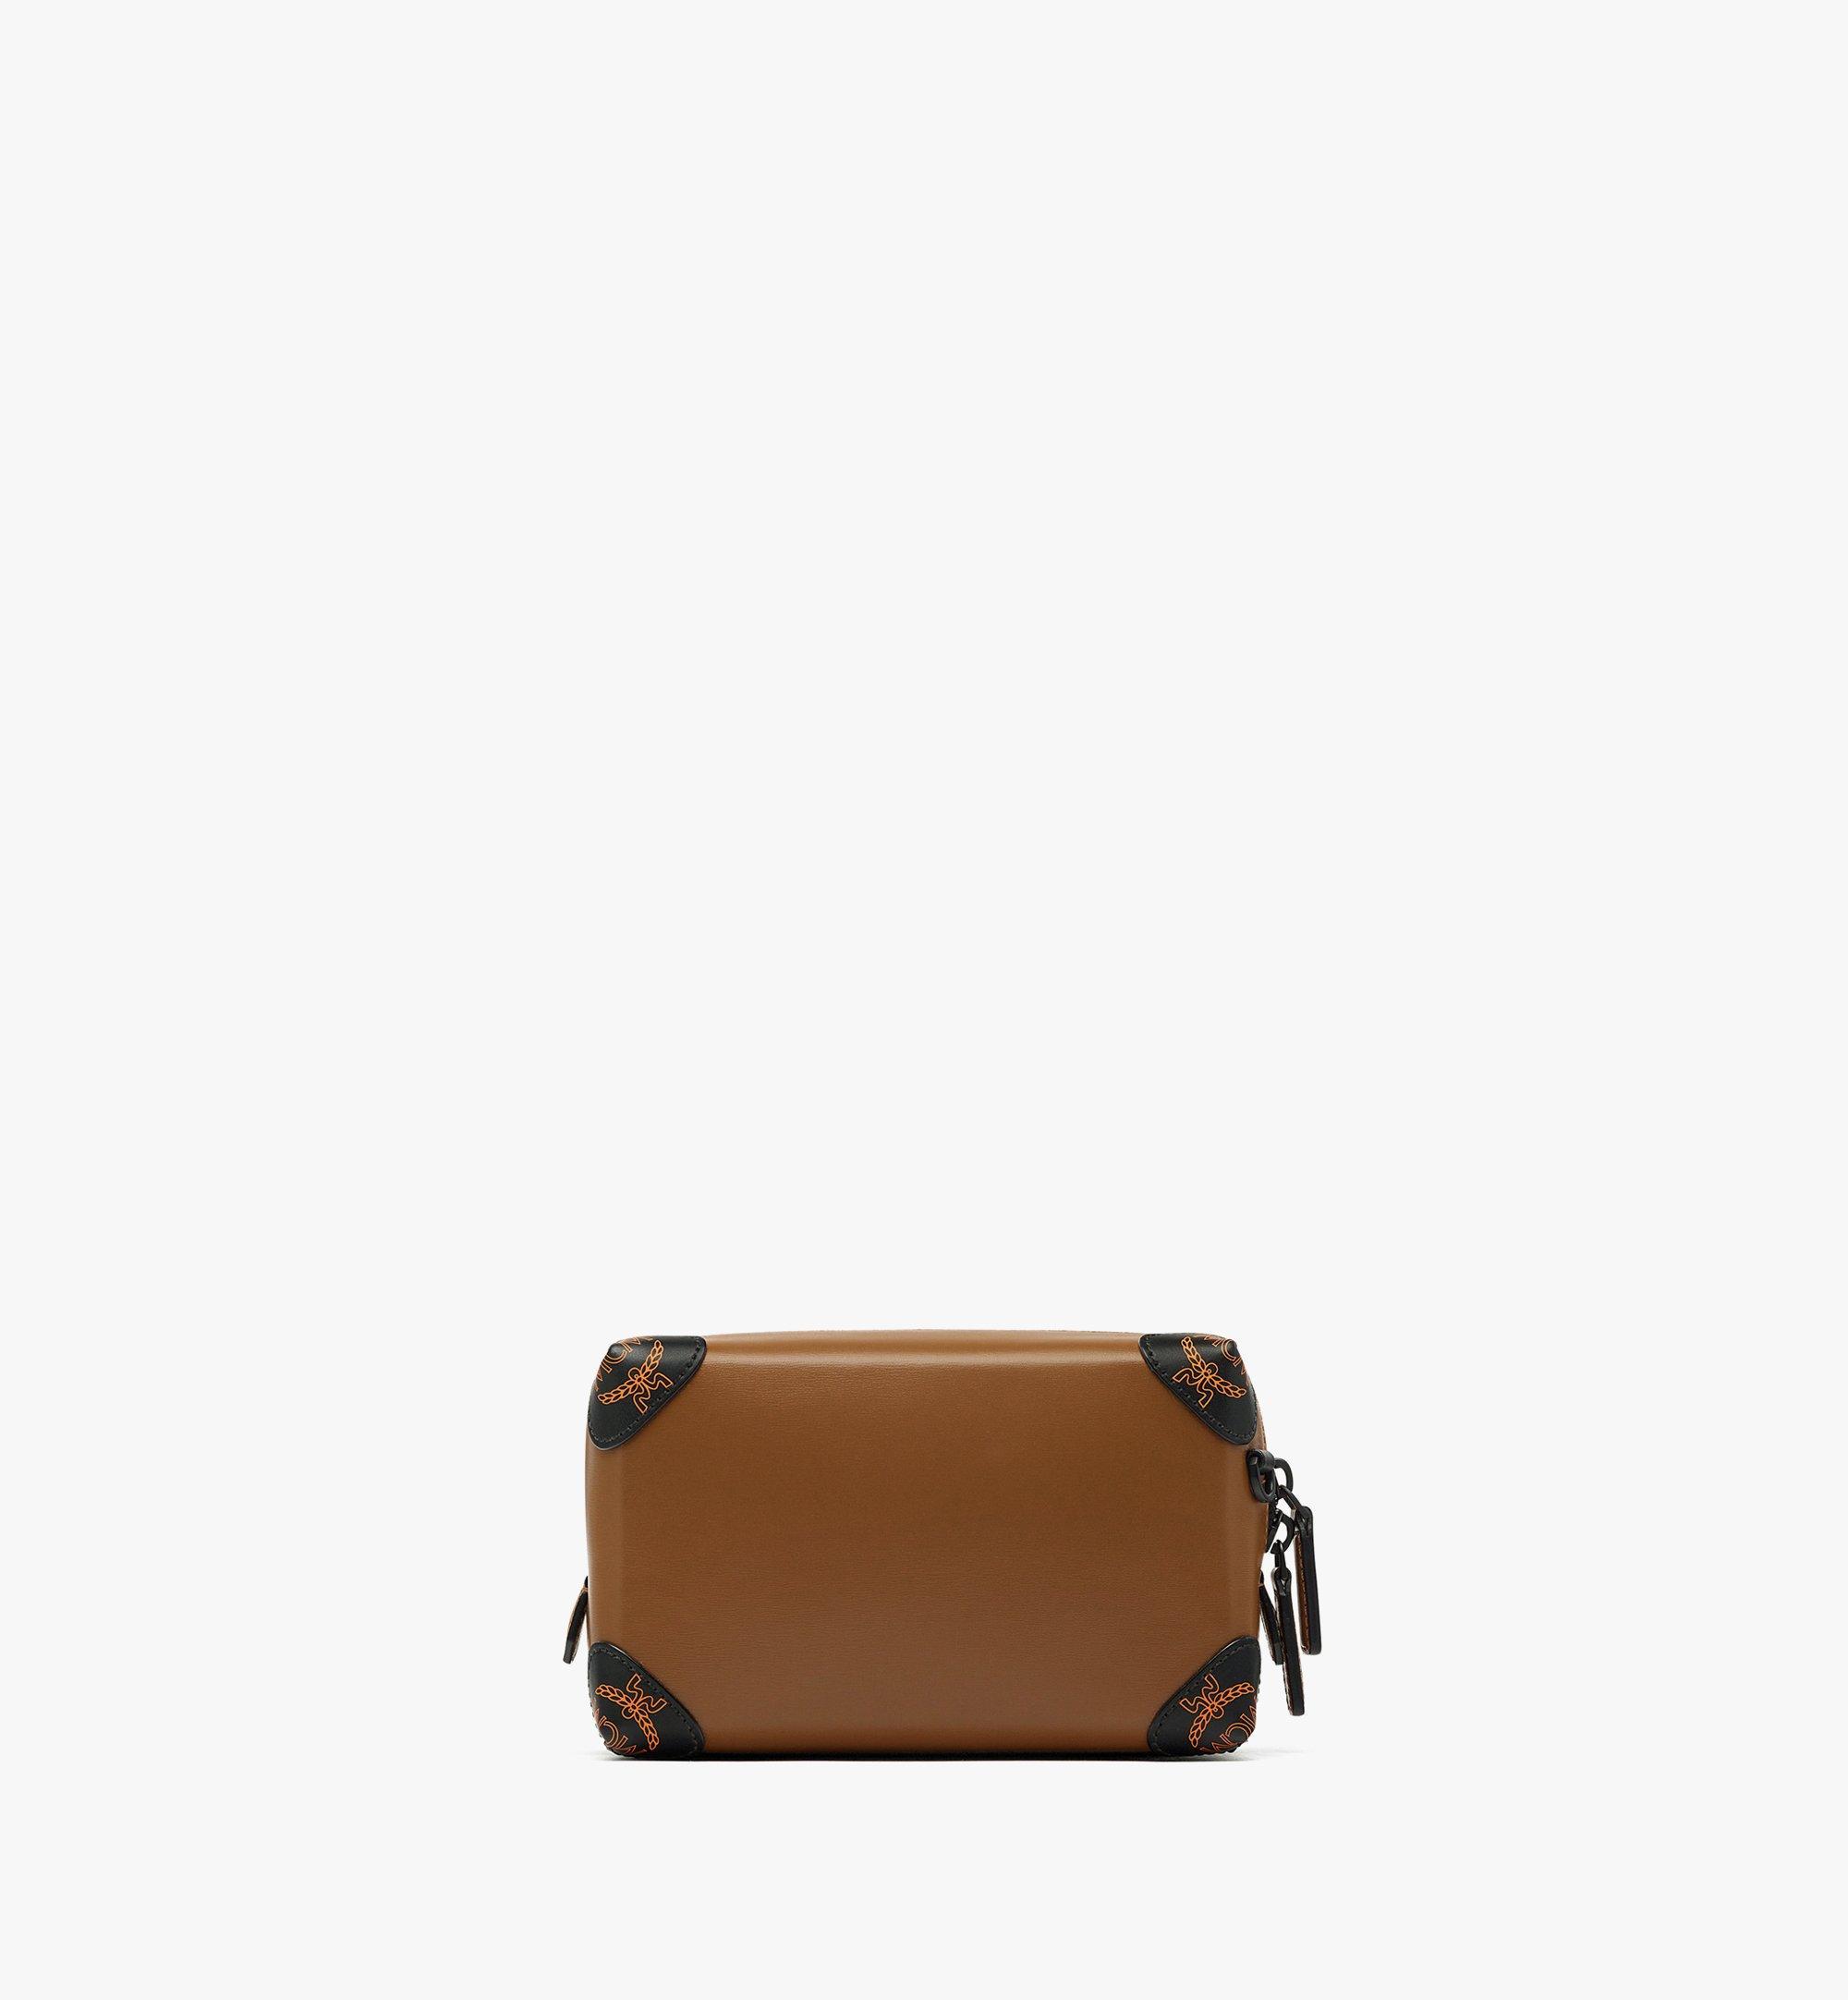 MCM SoftBerlin Crossbody-Tasche aus spanischem Leder Brown MMRBABF01N7001 Noch mehr sehen 3